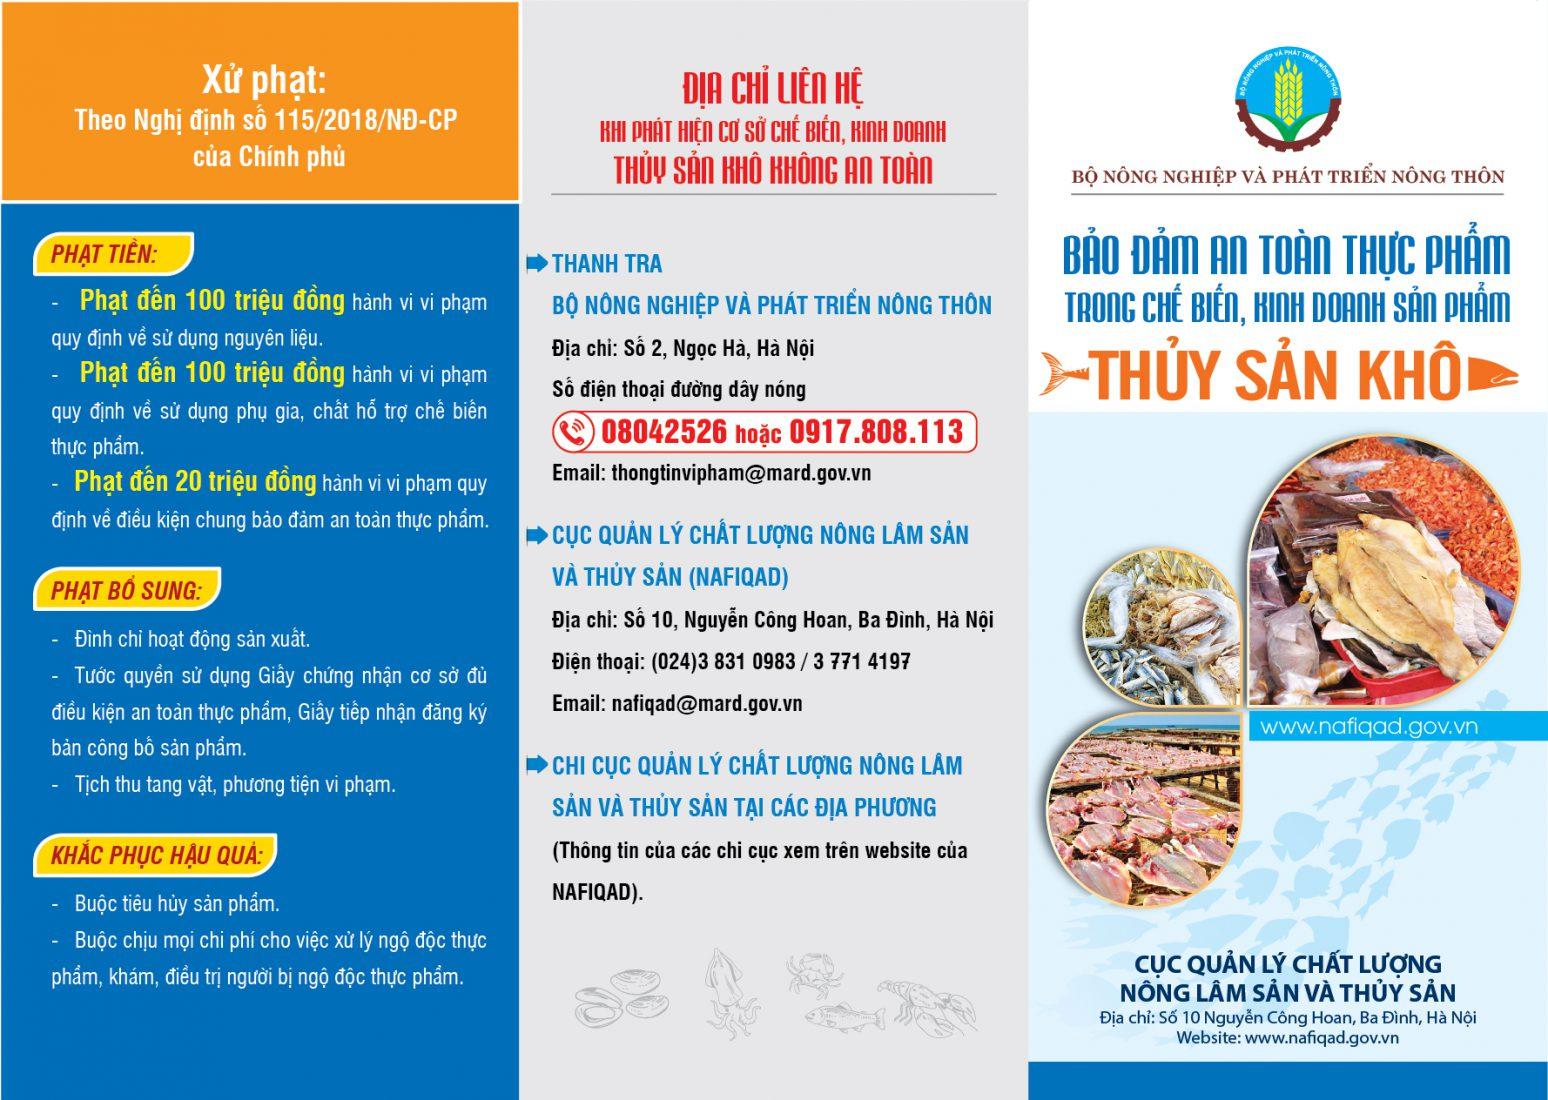 Bảo đảm an toàn thực phẩm trong chế biến, kinh doanh sản phẩm thủy sản khô